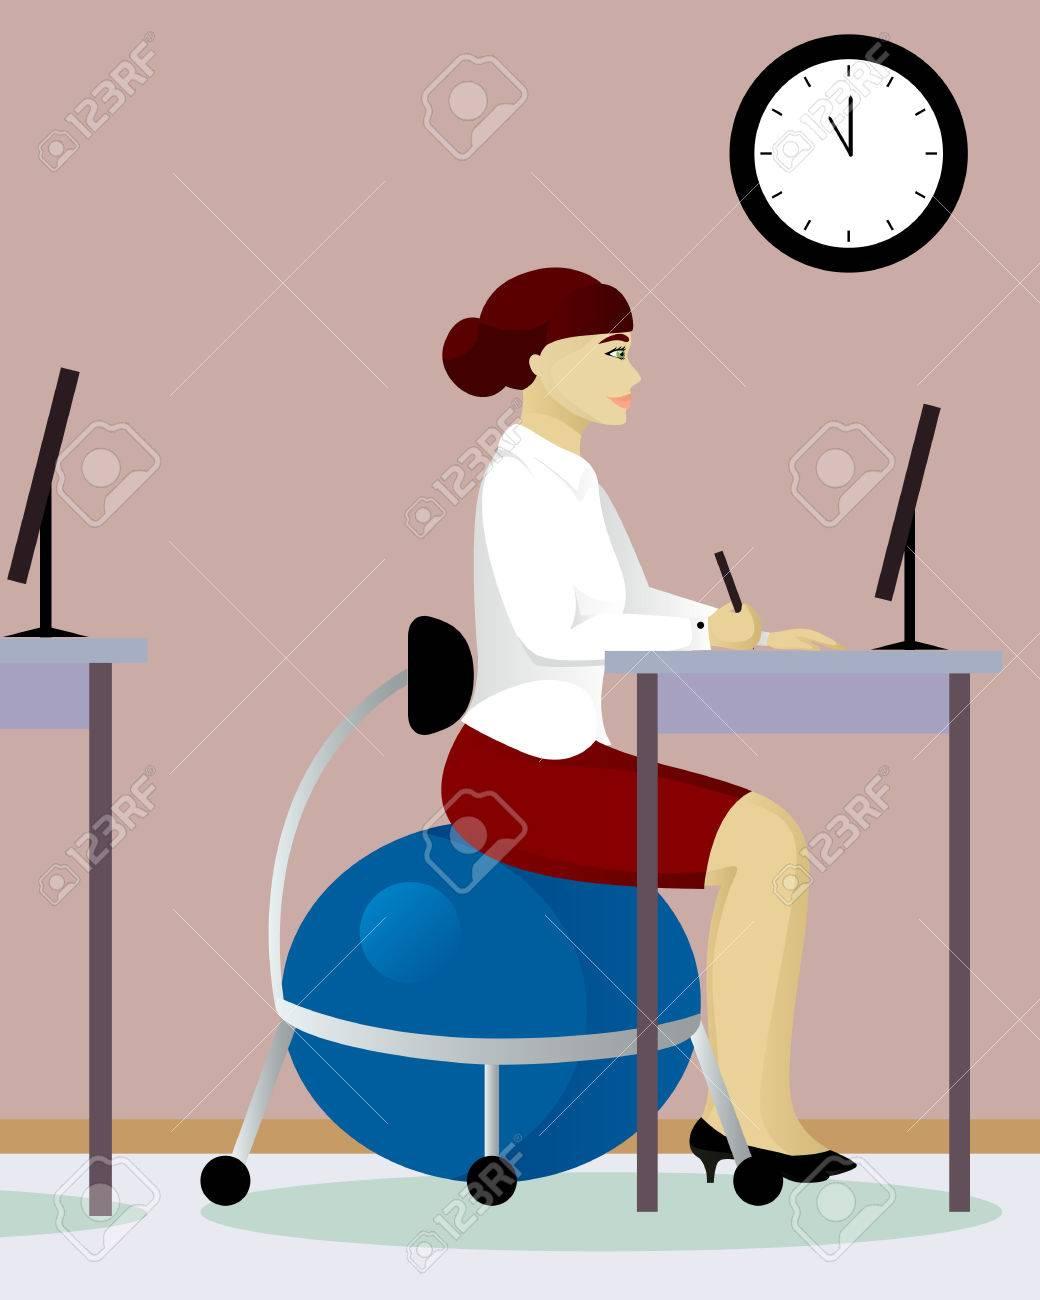 La Fitball Mujer Vector Oficina Silla Ilustración De En vmwNn08